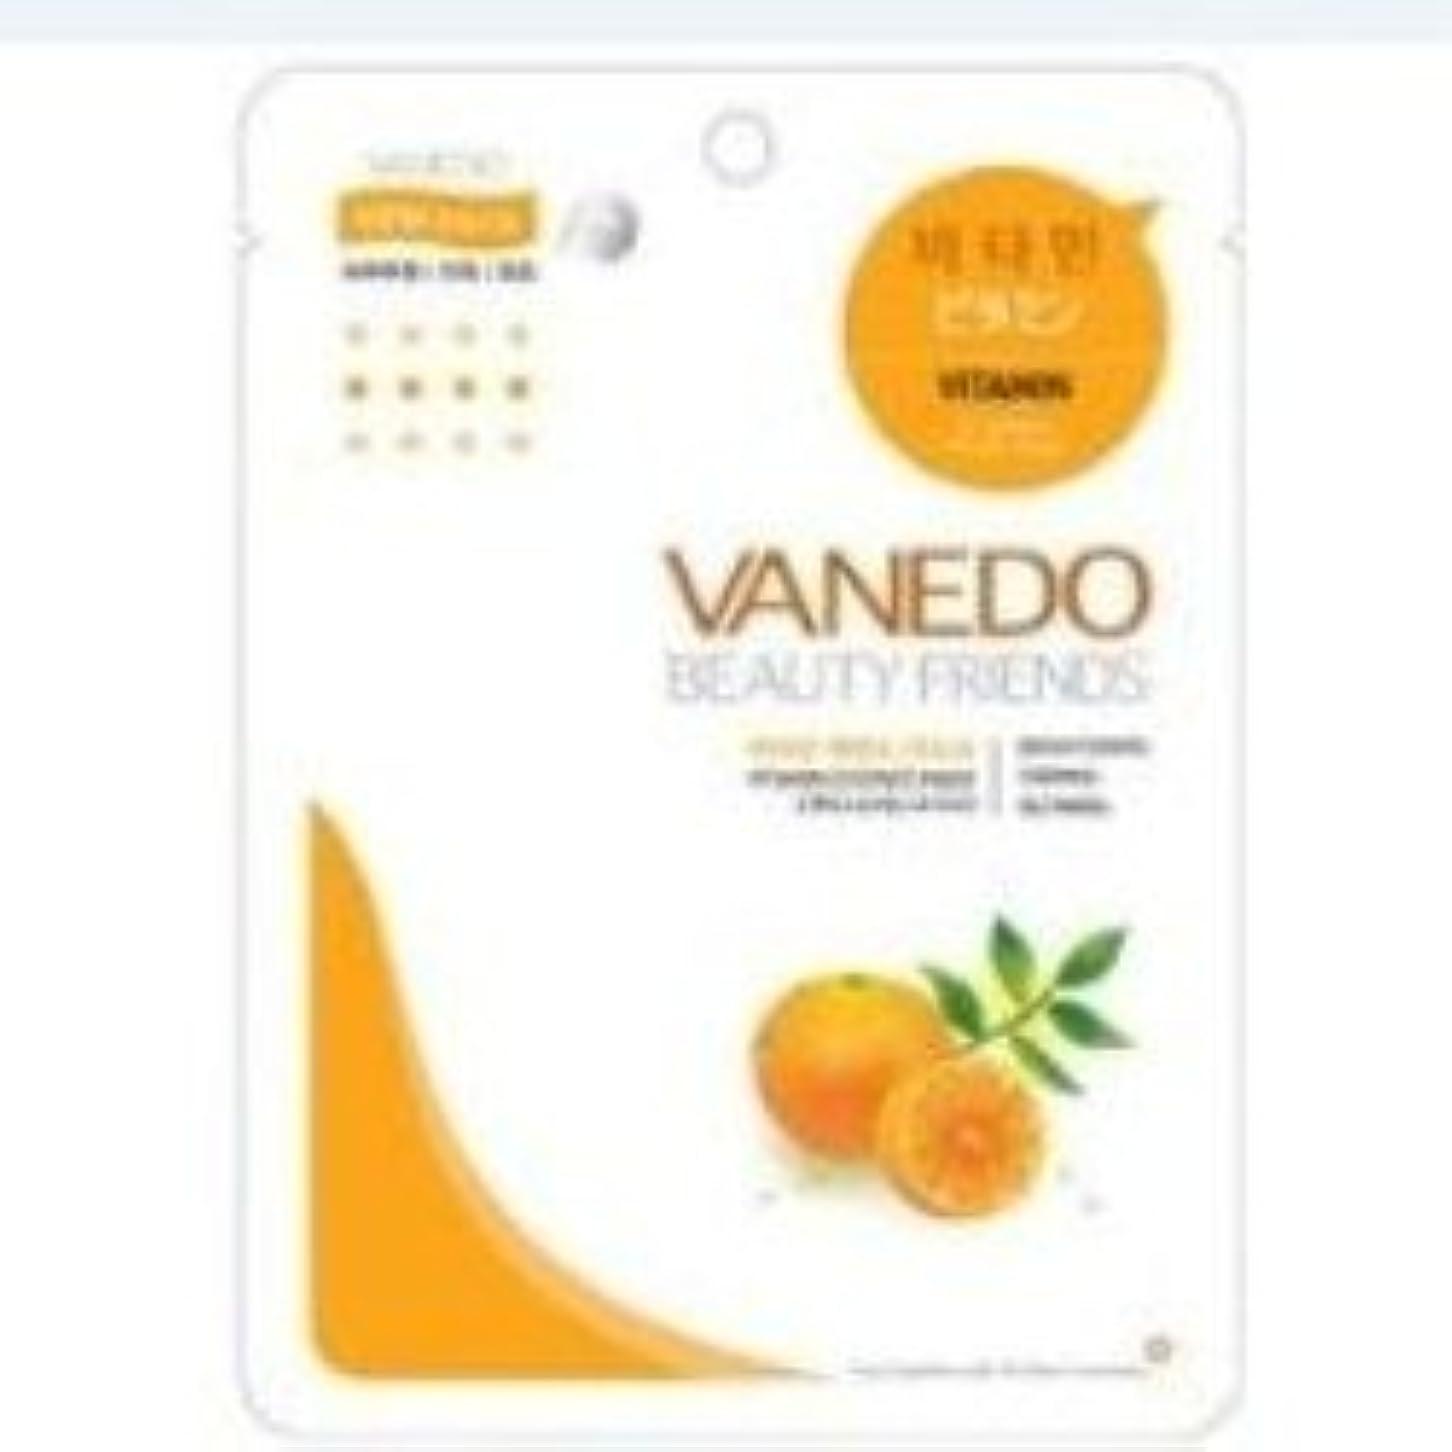 矛盾するブロンズ啓示VANEDO(バネド) エッセンスマスクシートパック <1種類x10枚セット>(ビタミン)